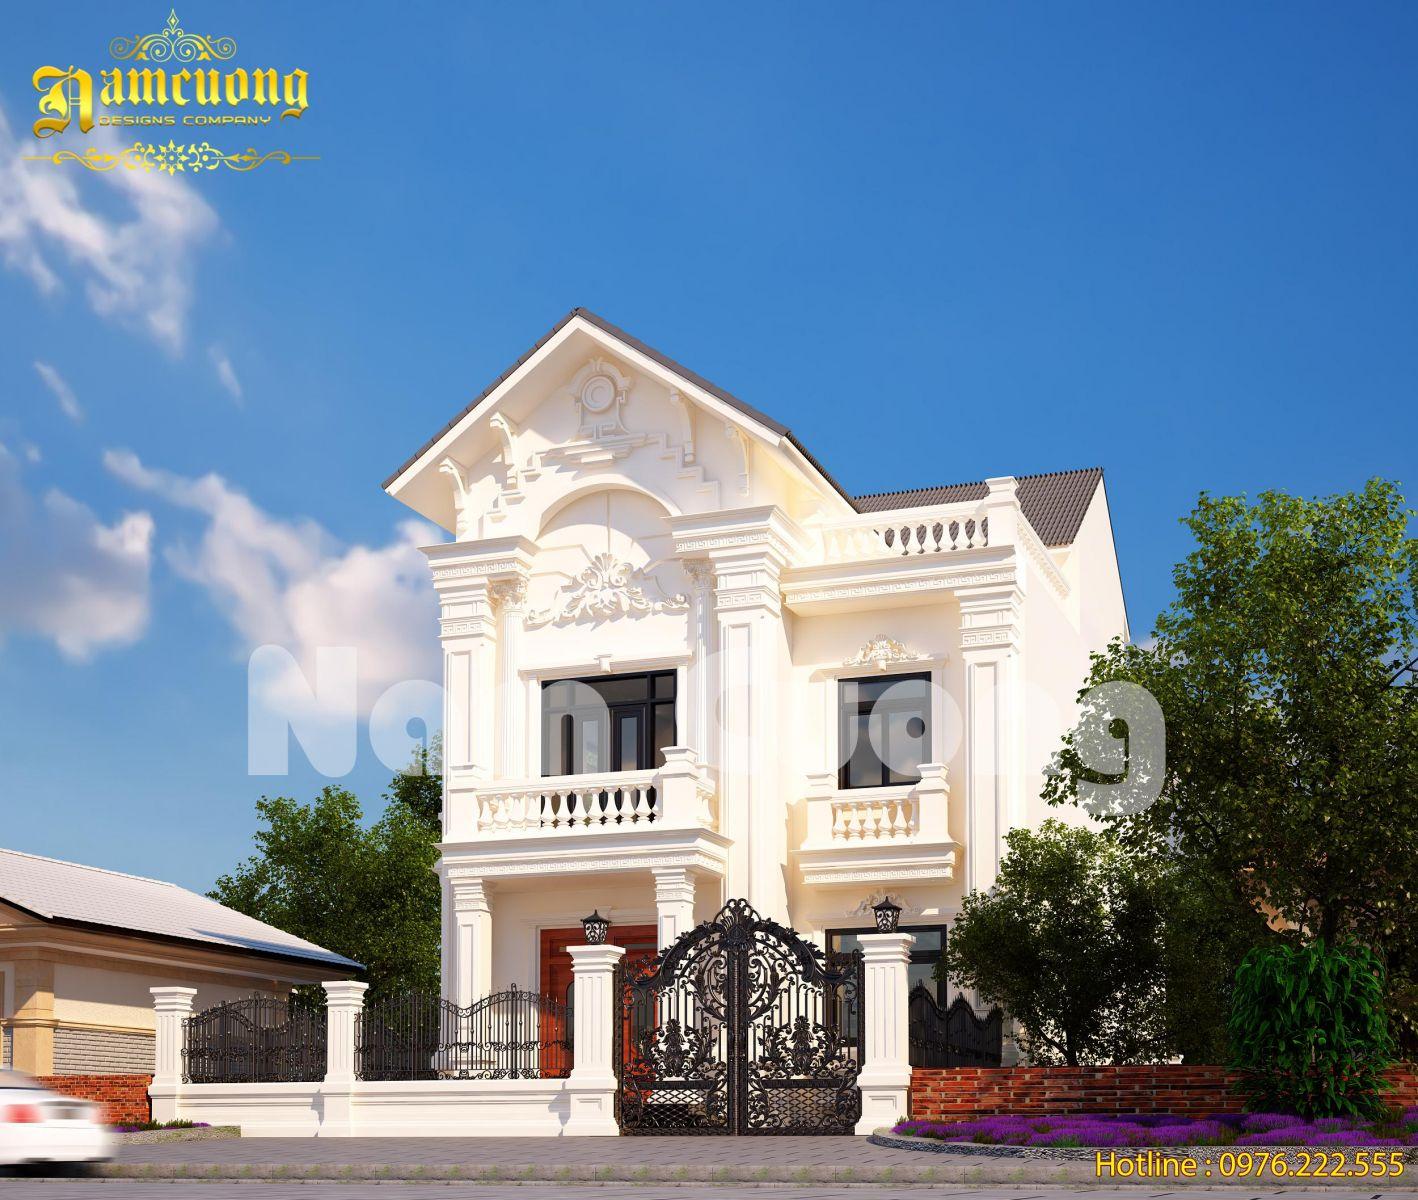 Hoàn thành mẫu biệt thự tân cổ điển đẹp tại Sài Gòn - BTTCD 021